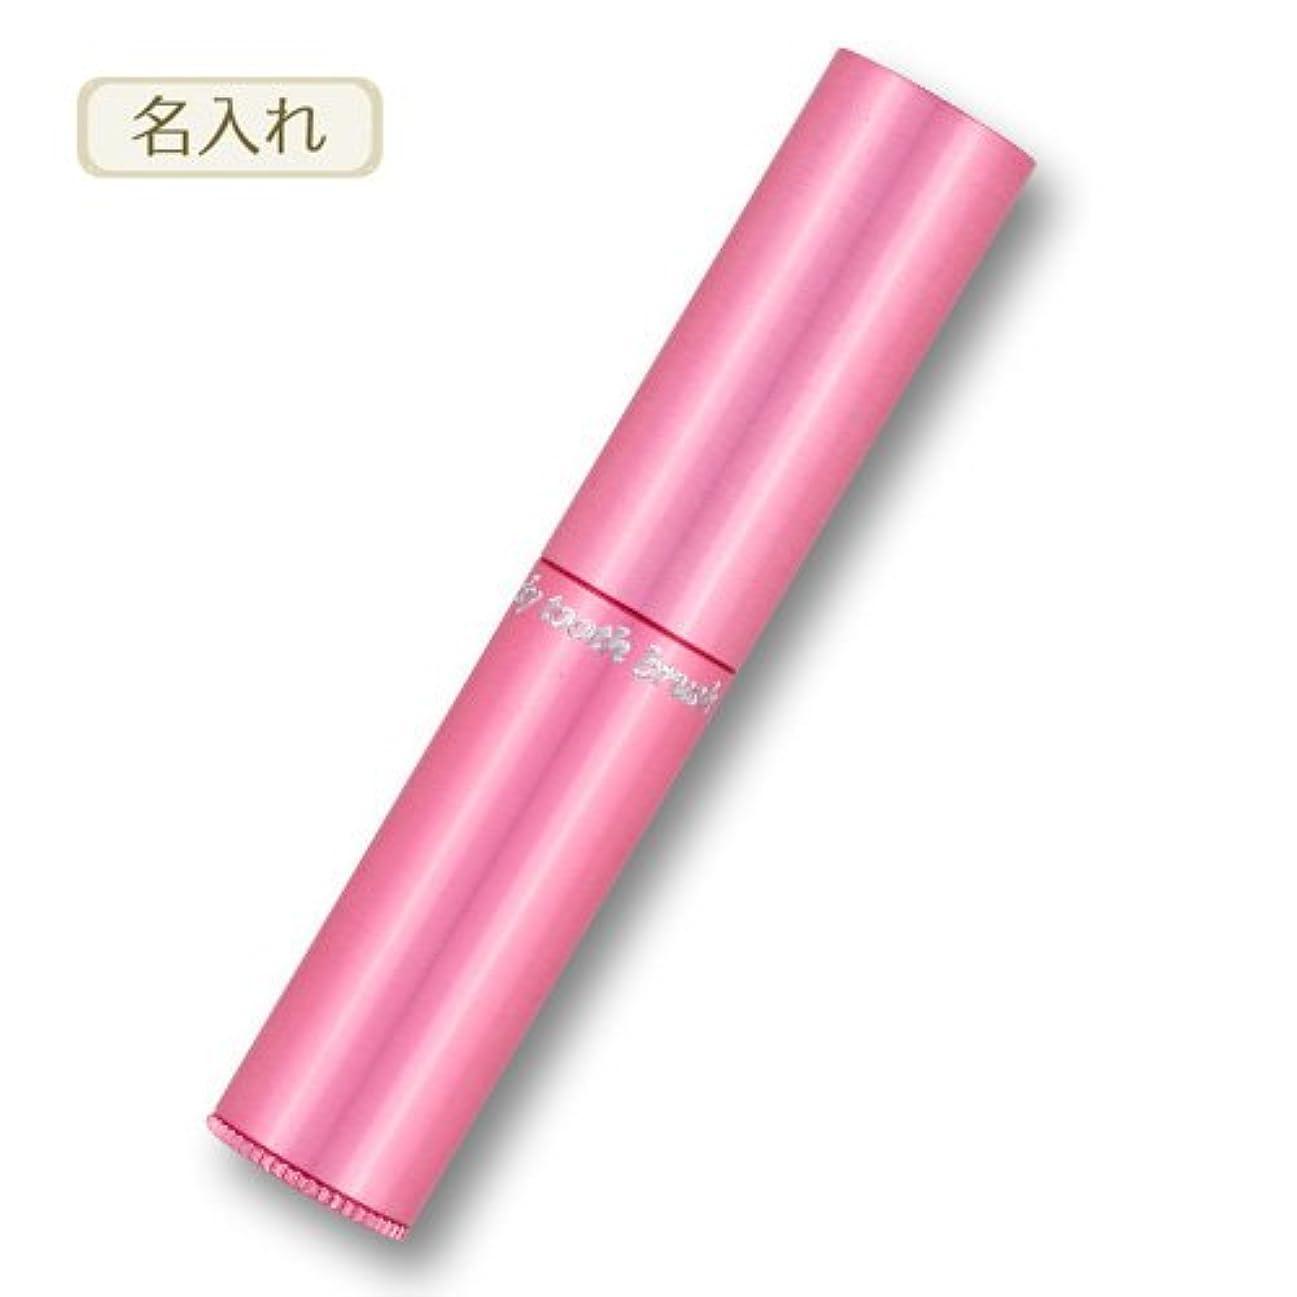 代表して一瞬我慢する携帯歯ブラシ・タベタラmigaCO(ピンク・ネーム入り)